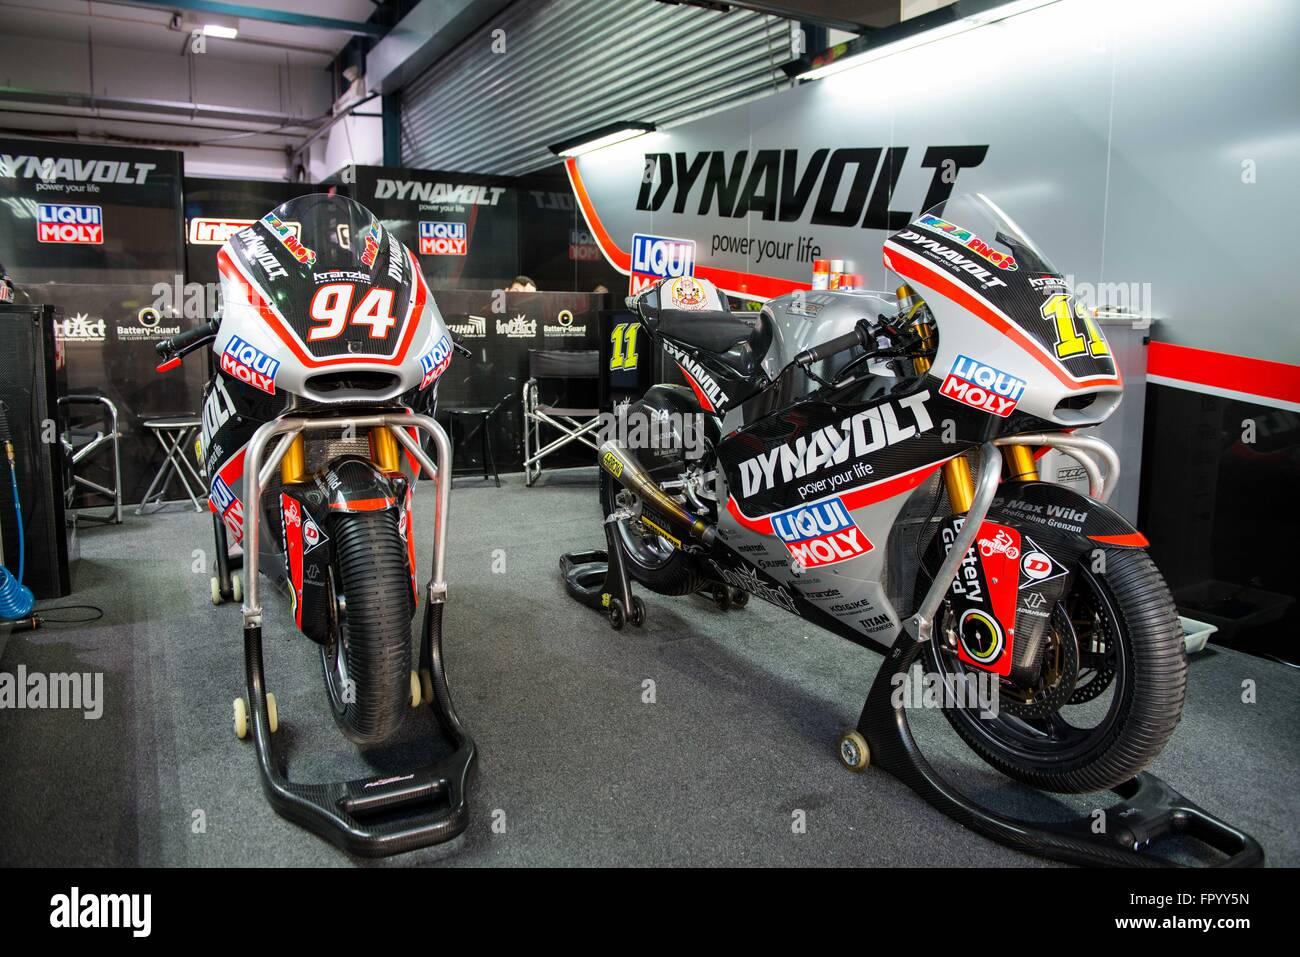 Le Circuit International de Losail, au Qatar. 19 mars 2016. L'Dynavolt Intact GP team garage pendant les qualifications Photo Stock